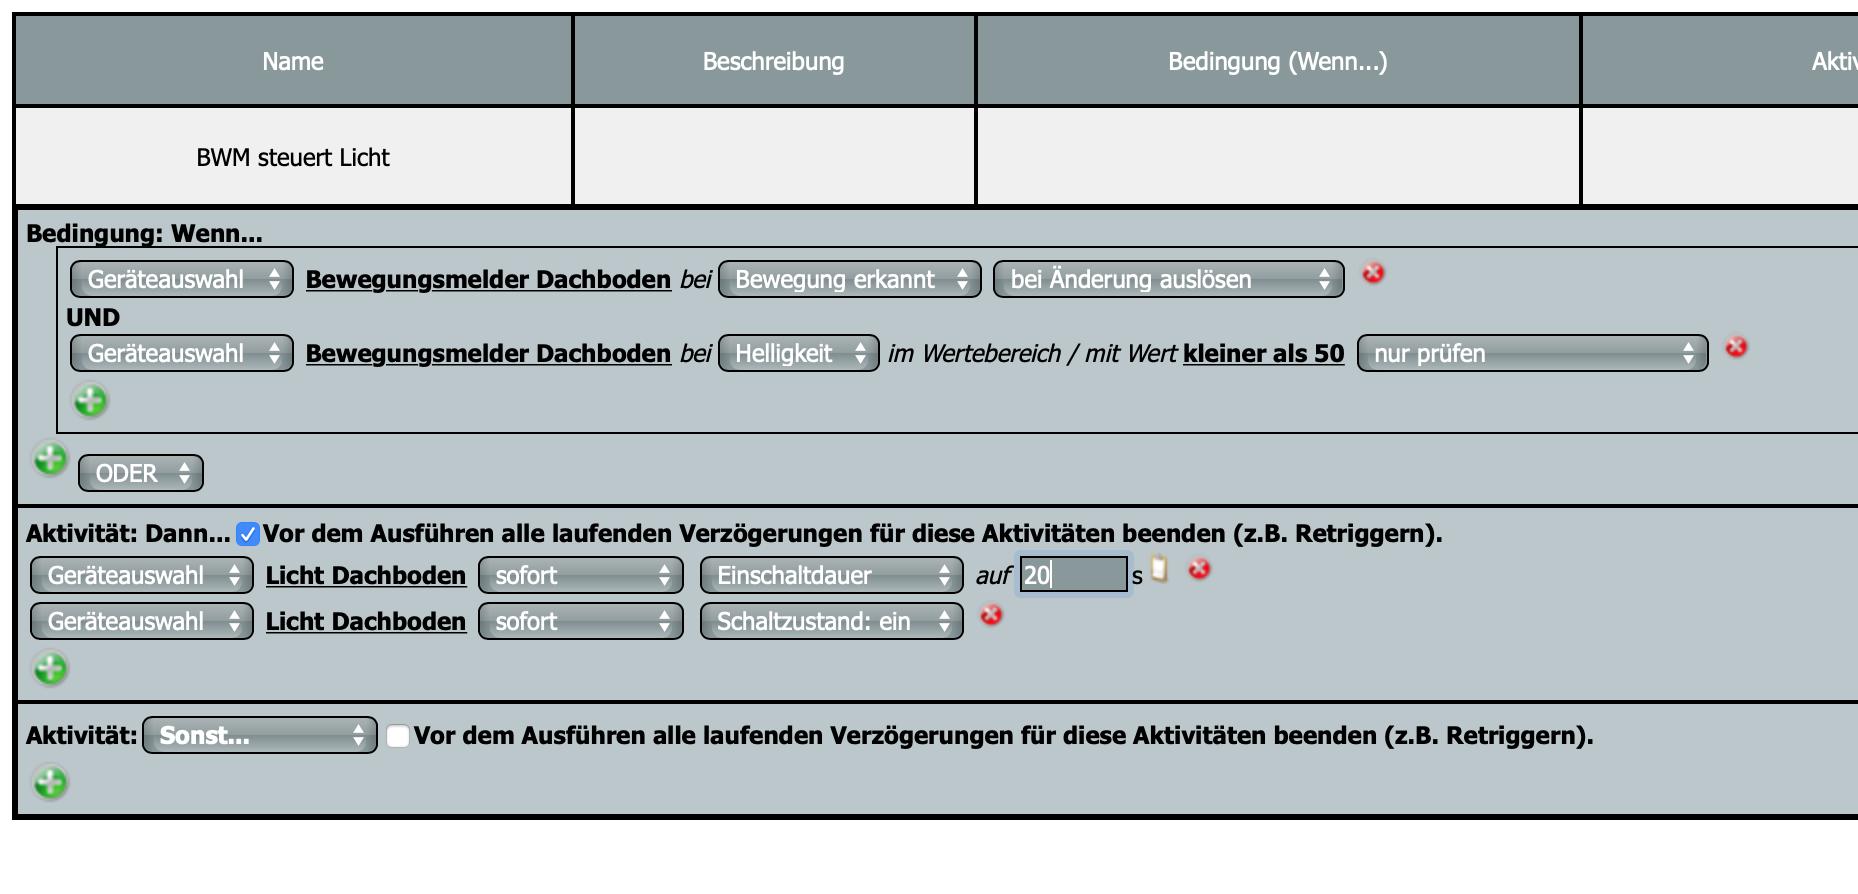 Zentralenprogramm BWM - LICHT